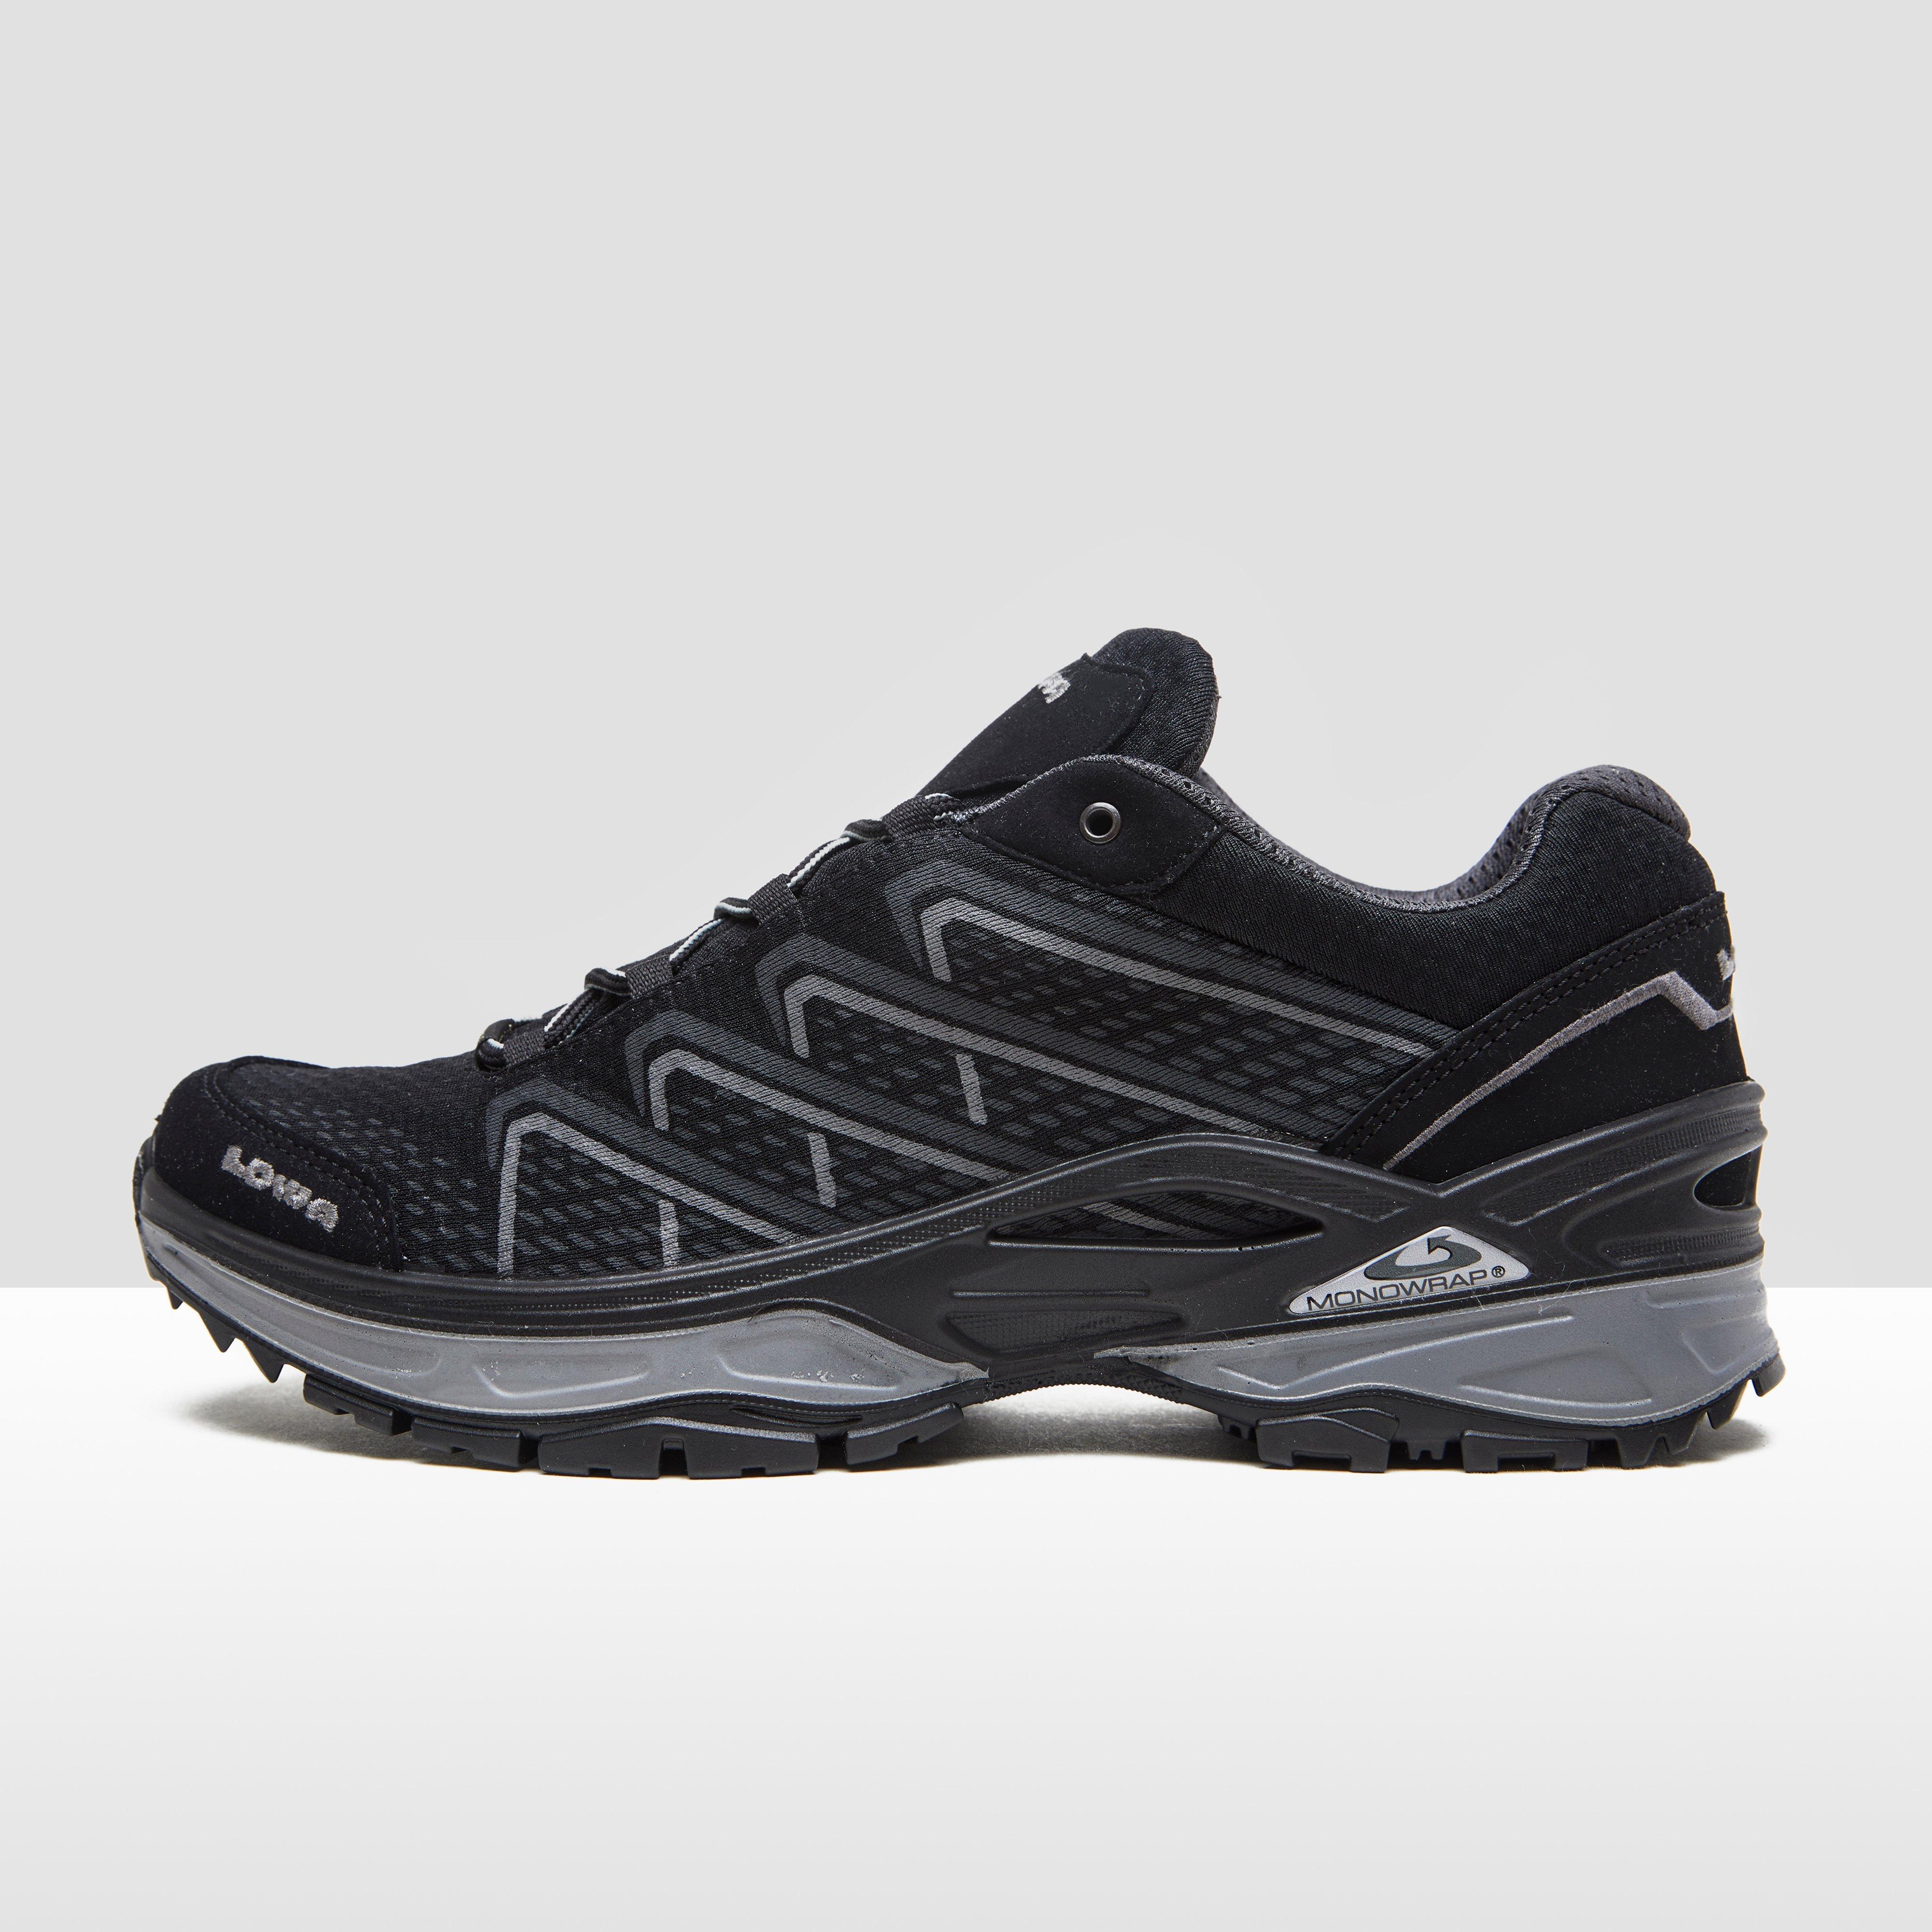 Iowa Chaussures Noires Pour Les Hommes tdcS9